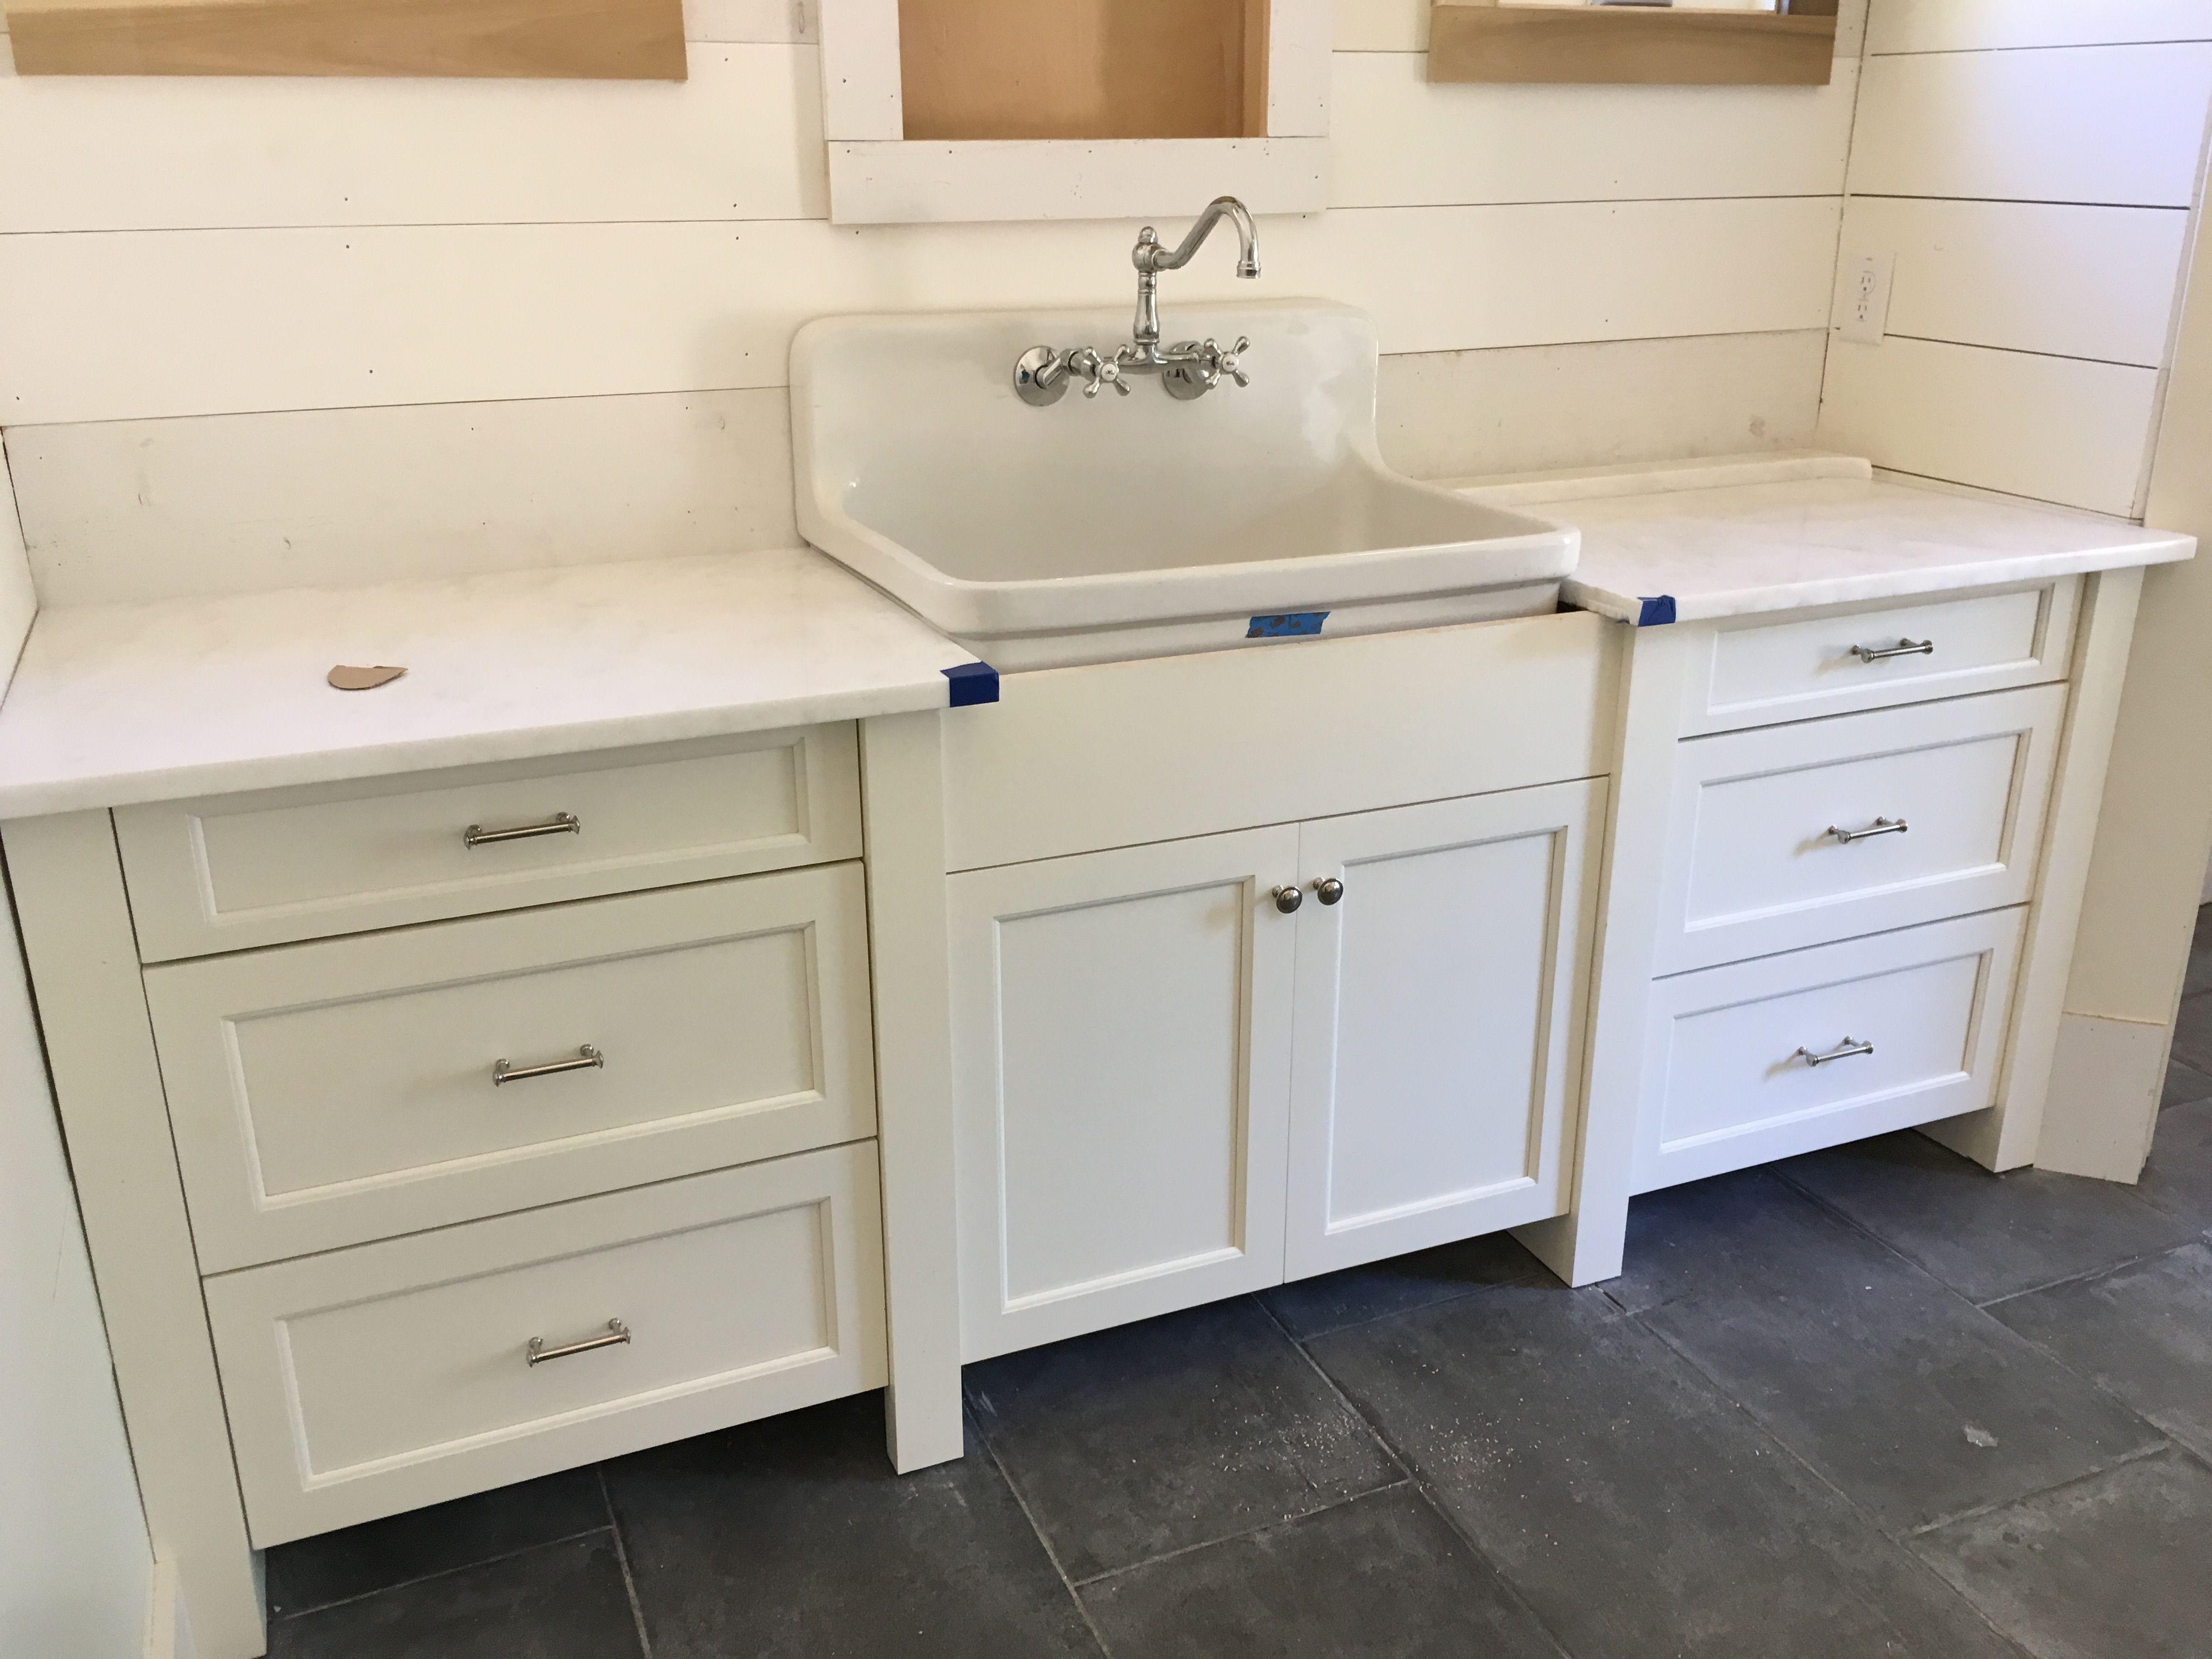 Her Master bath vanity in Sherwin Williams Dover White